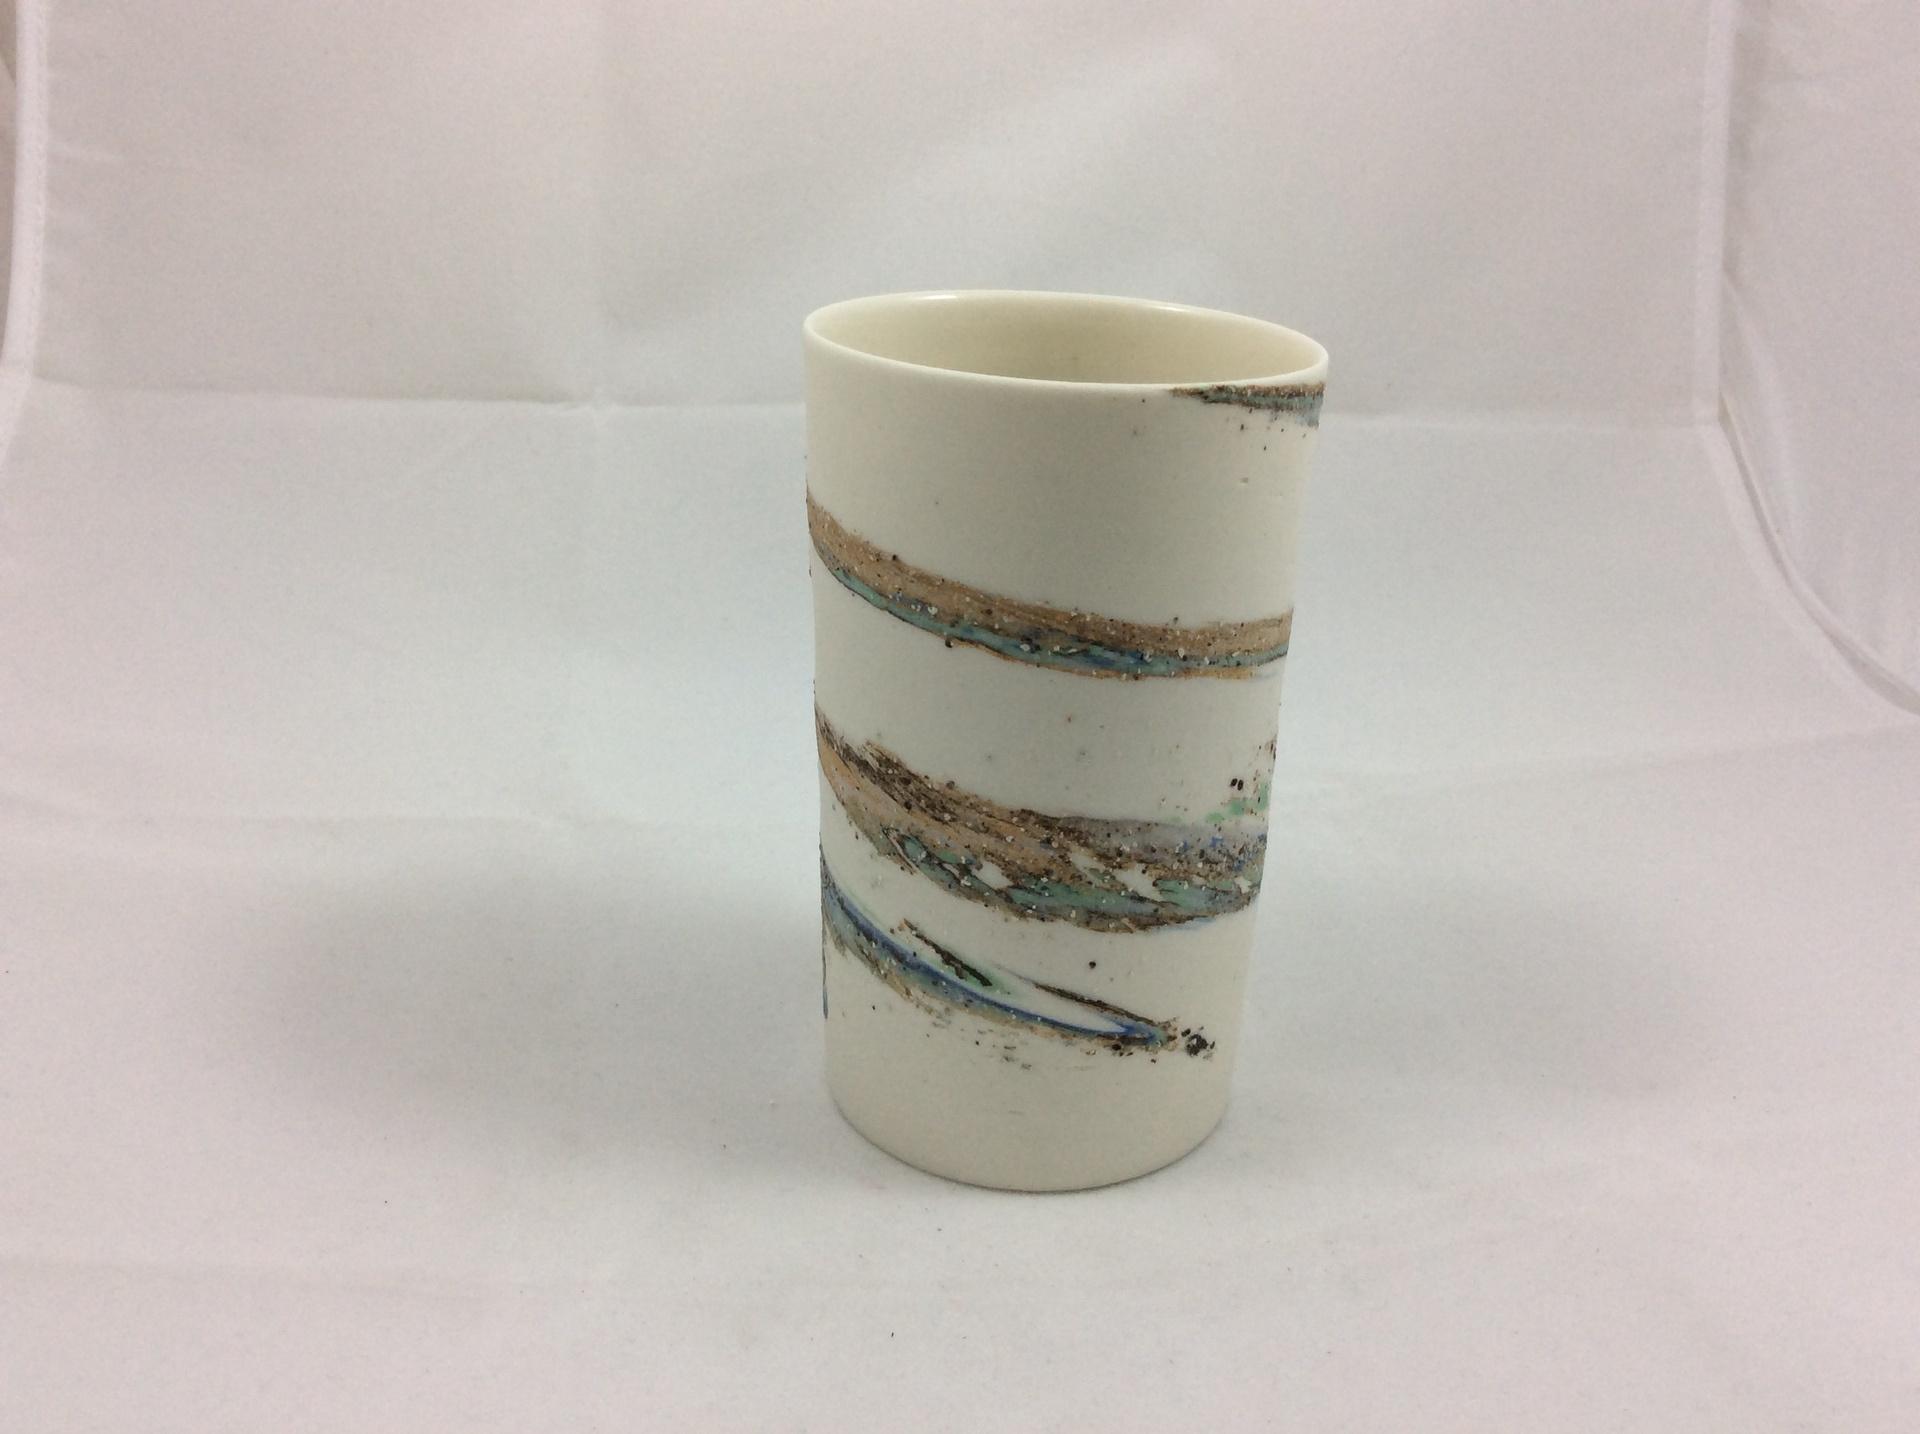 Strata Vase - Medium